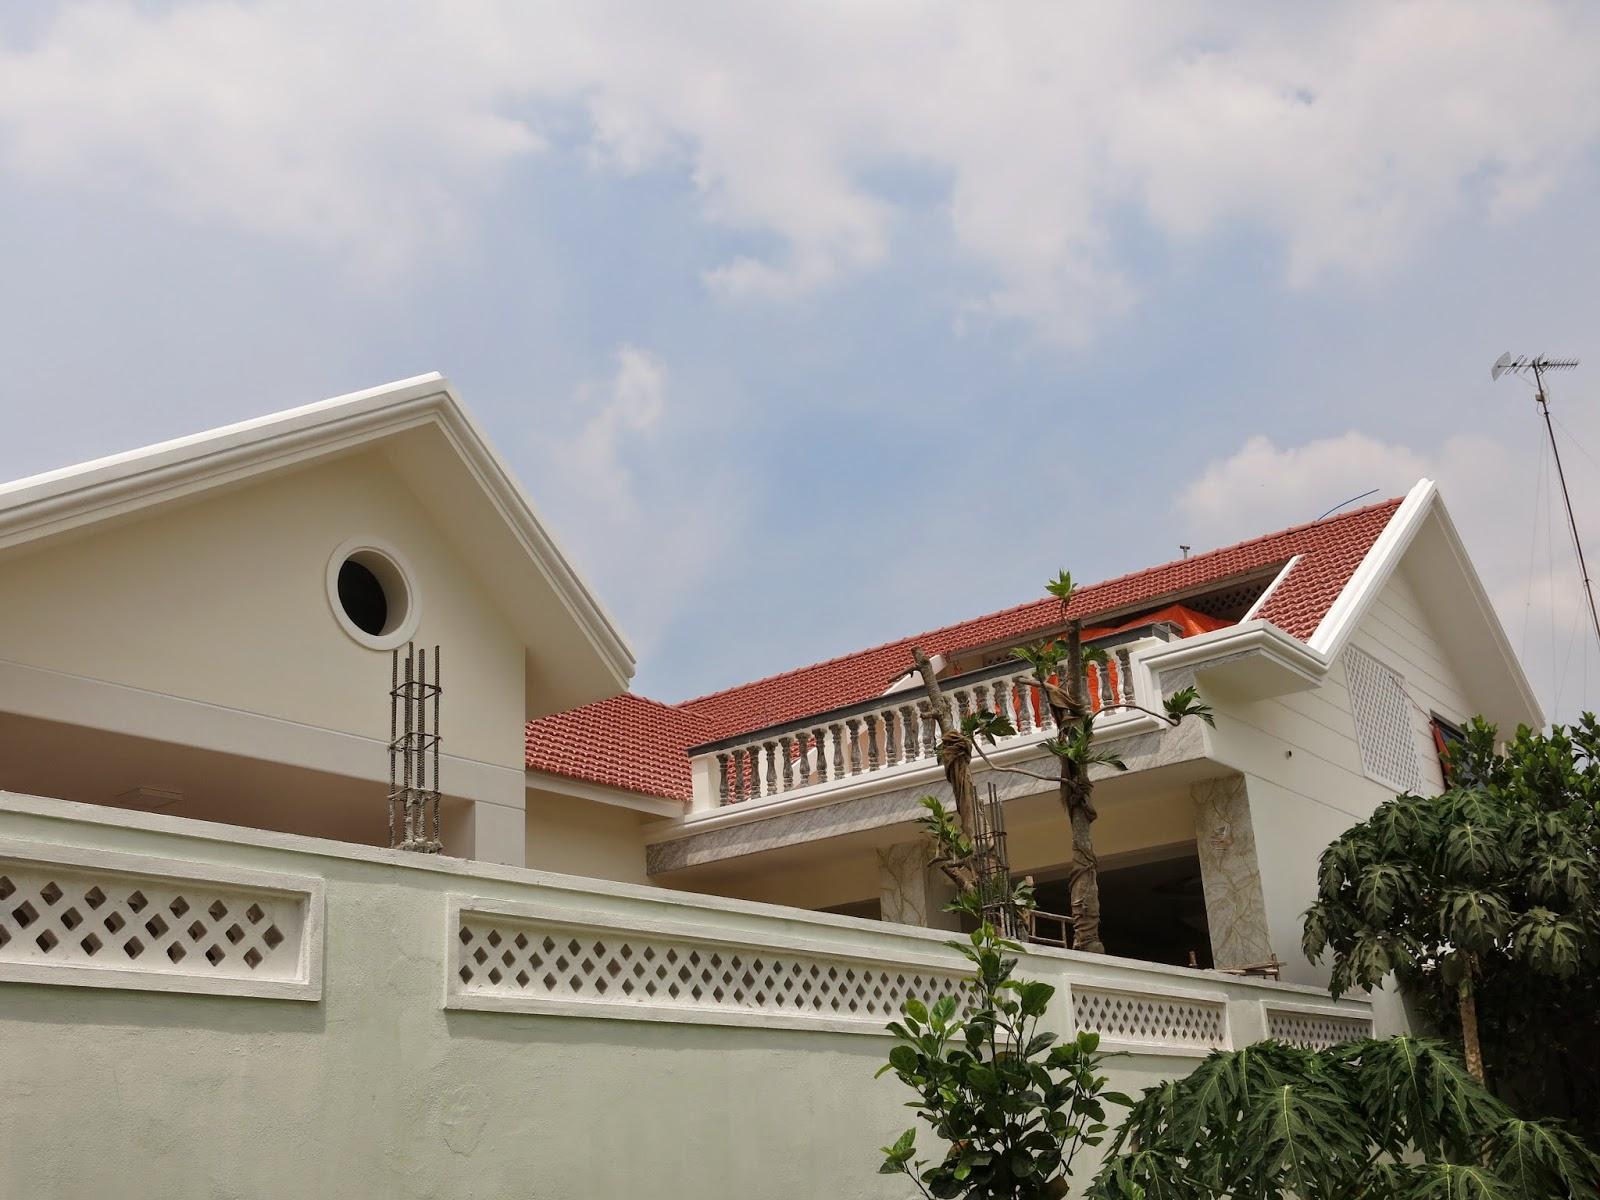 Giá Ngói Lợp Đồng Tâm Sự Lựa Chọn Cho Ngôi Nhà Việt